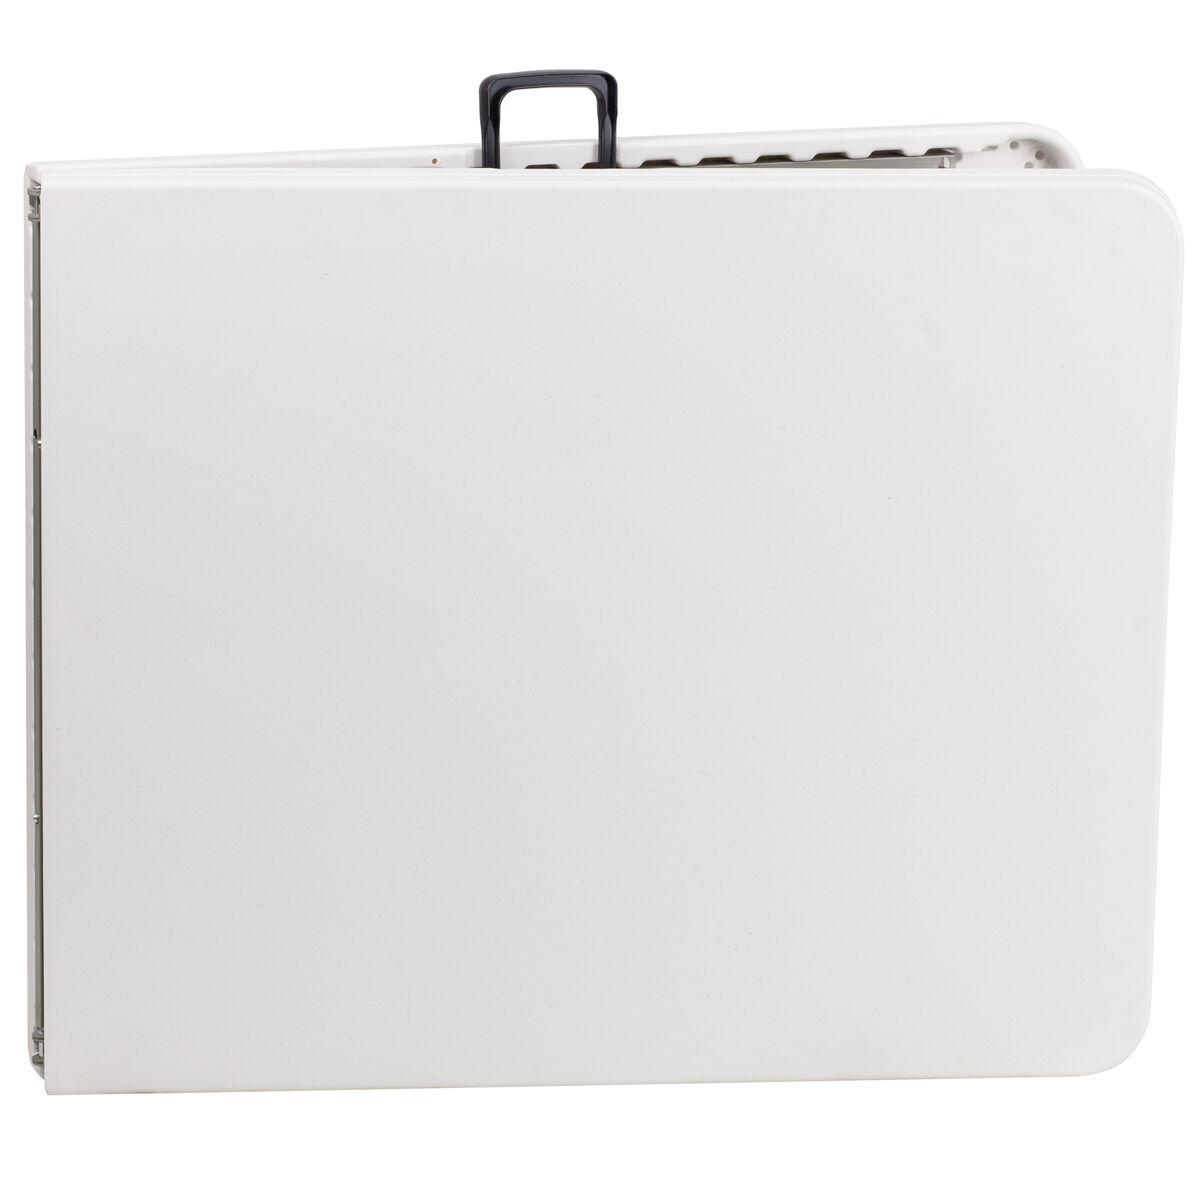 30x72 white bi fold table dad ycz 183z gg churchchairs4less com